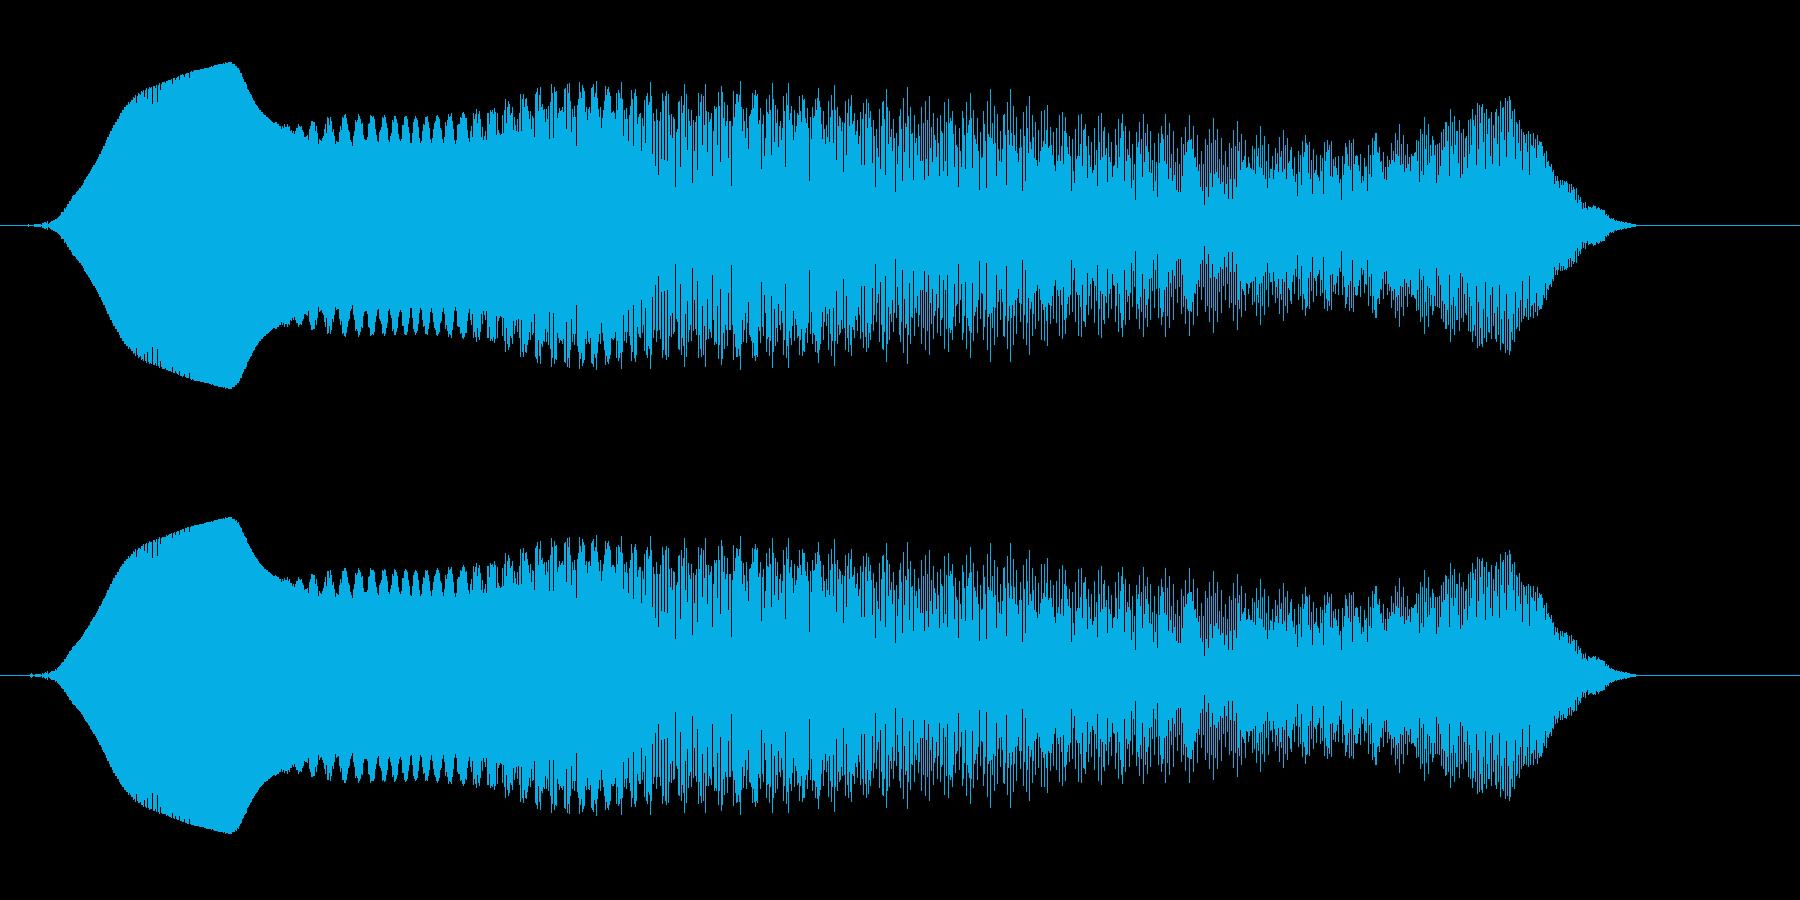 キュワワーン(ダメージを受ける)の再生済みの波形